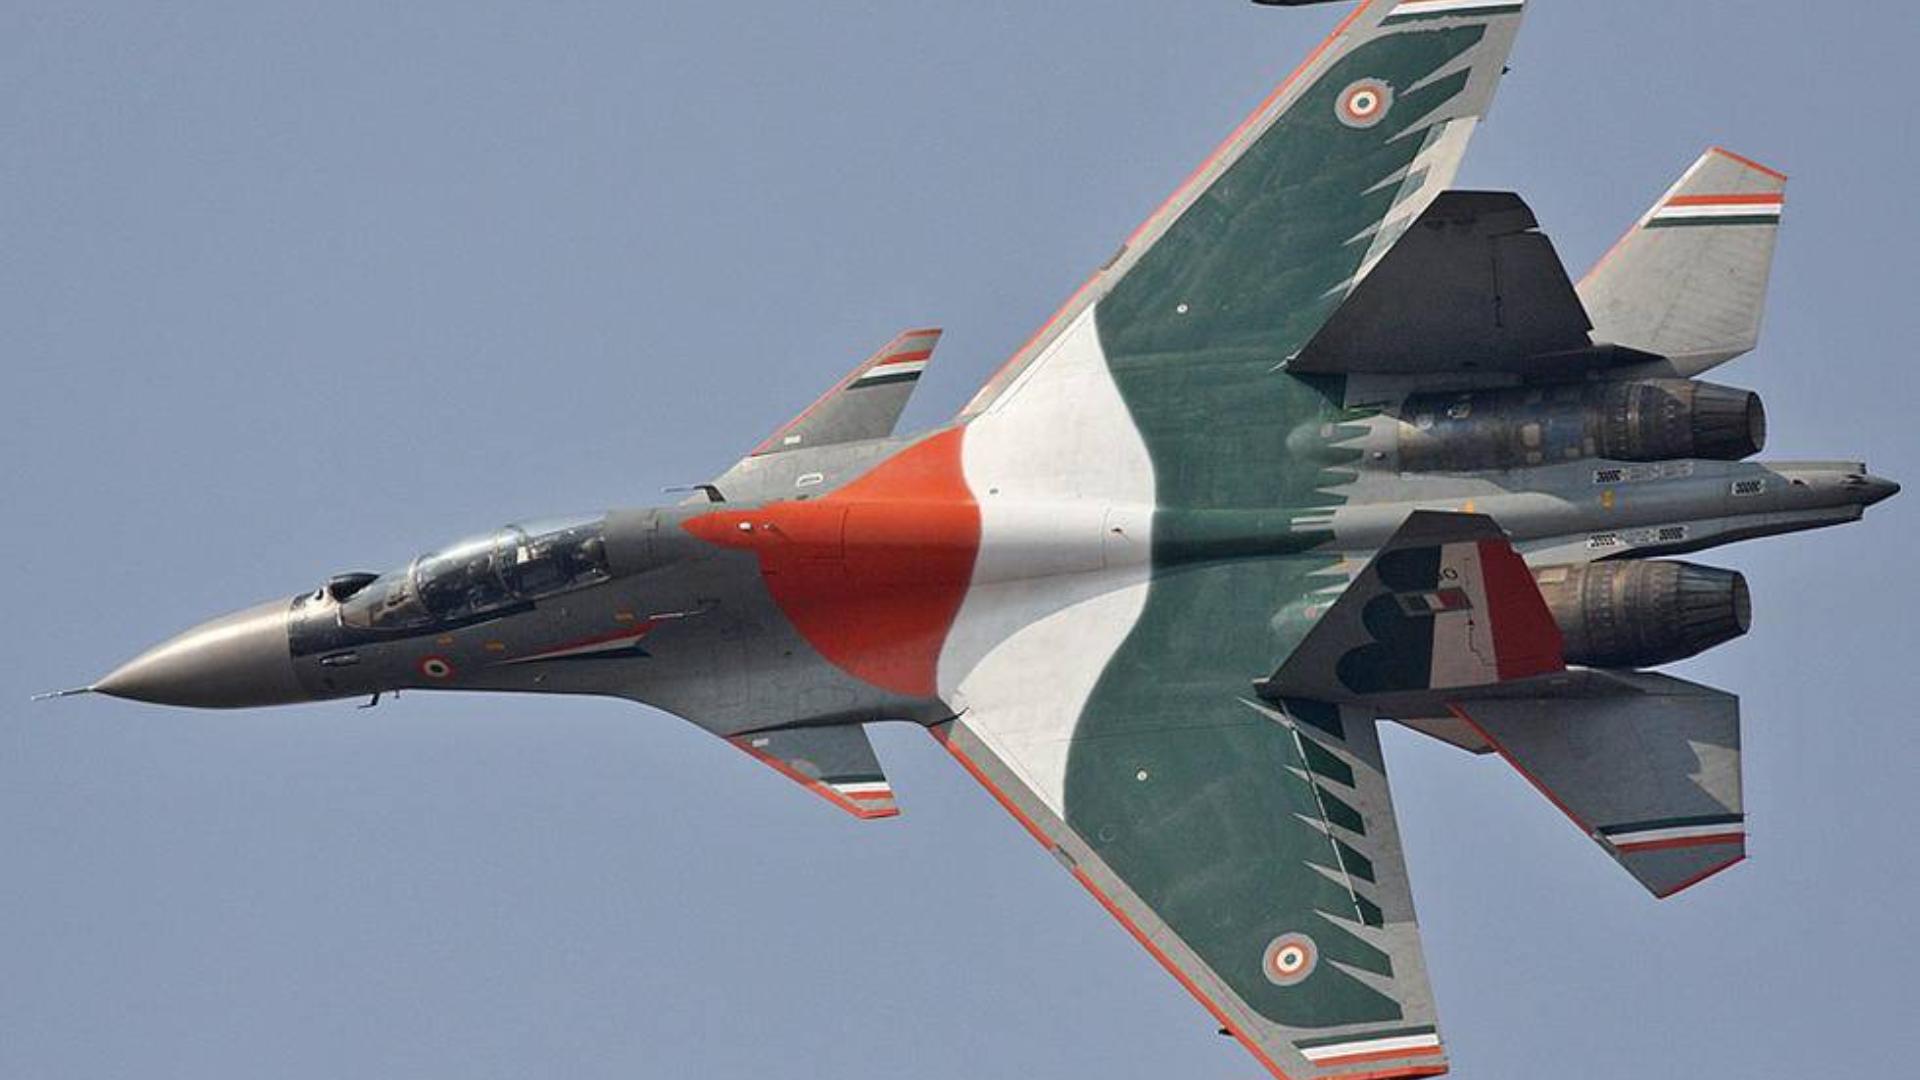 迷之自信!印媒评亚洲最强空军:中国虽有歼20,但这点远不如印度